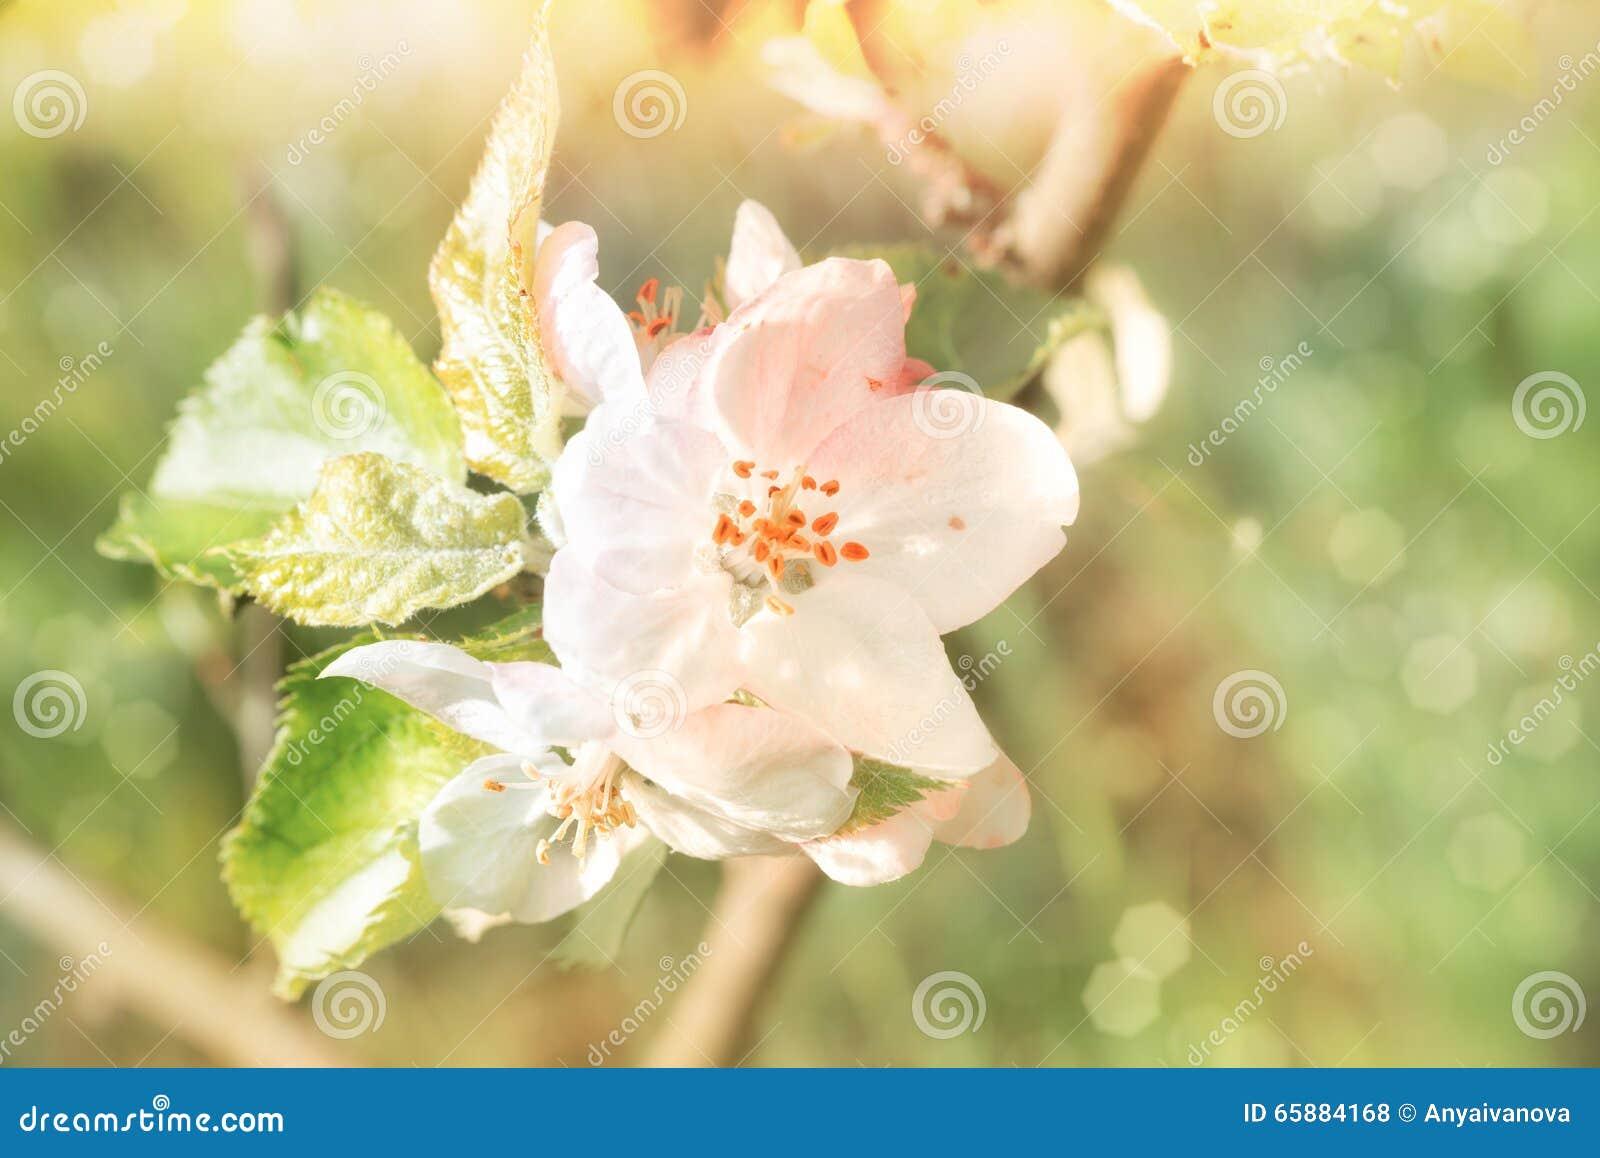 El primer en manzana florece en fondo abstracto de la primavera